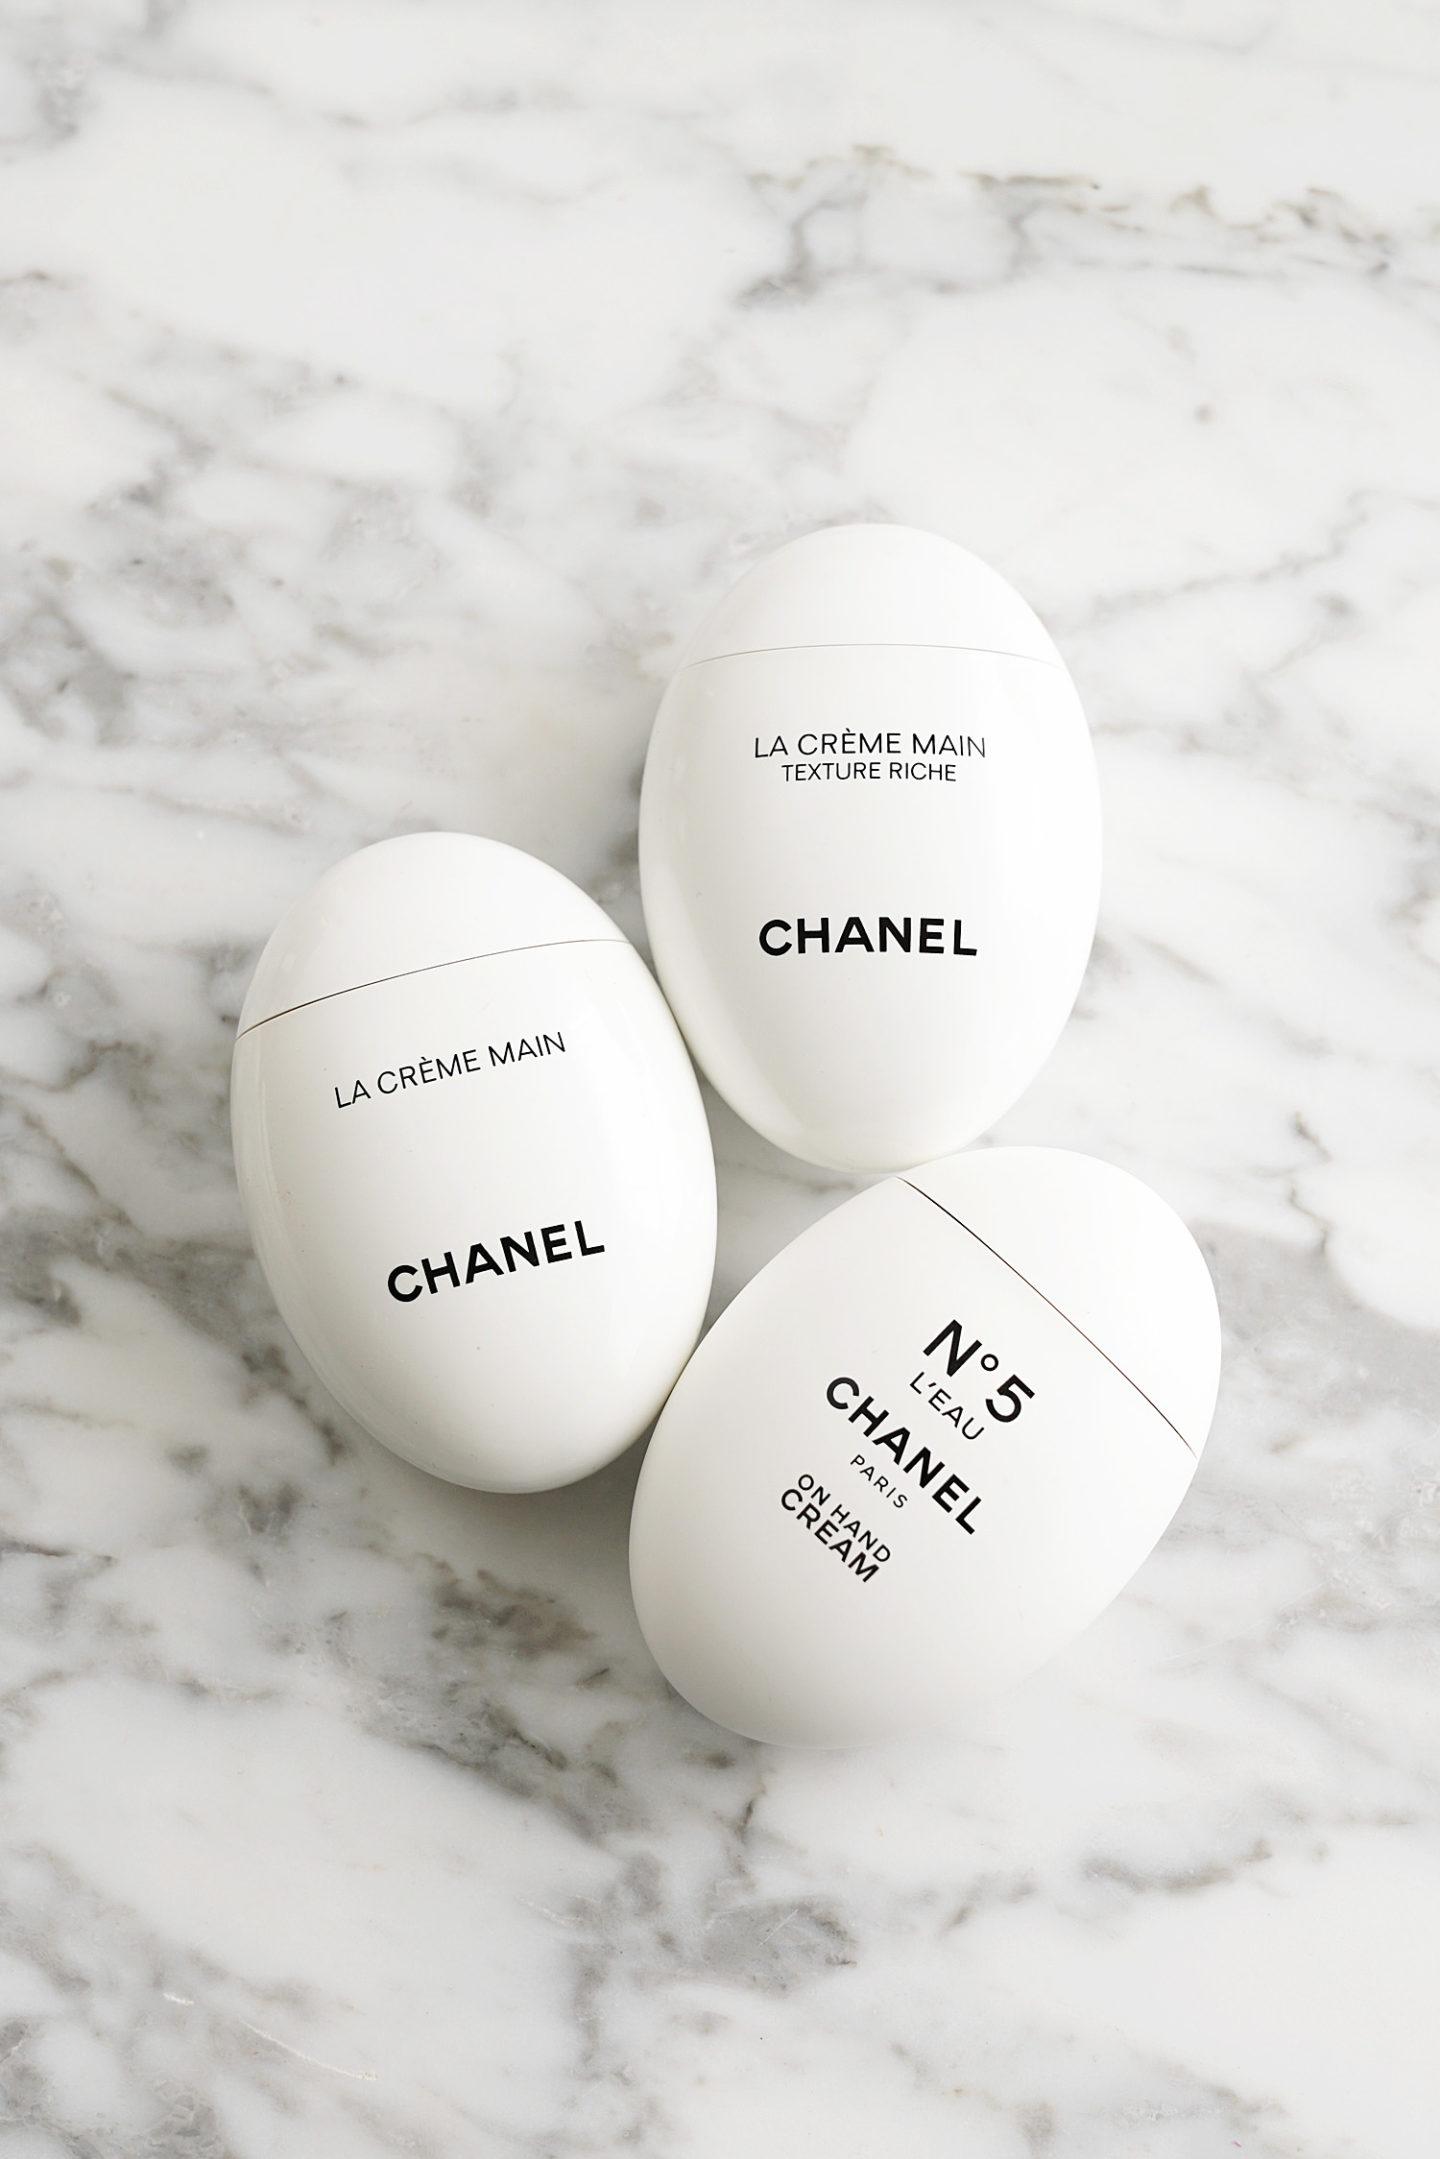 Examen de la crème pour les mains Chanel, La Creme Main, Crème pour les mains et texture N ° 5 Leau